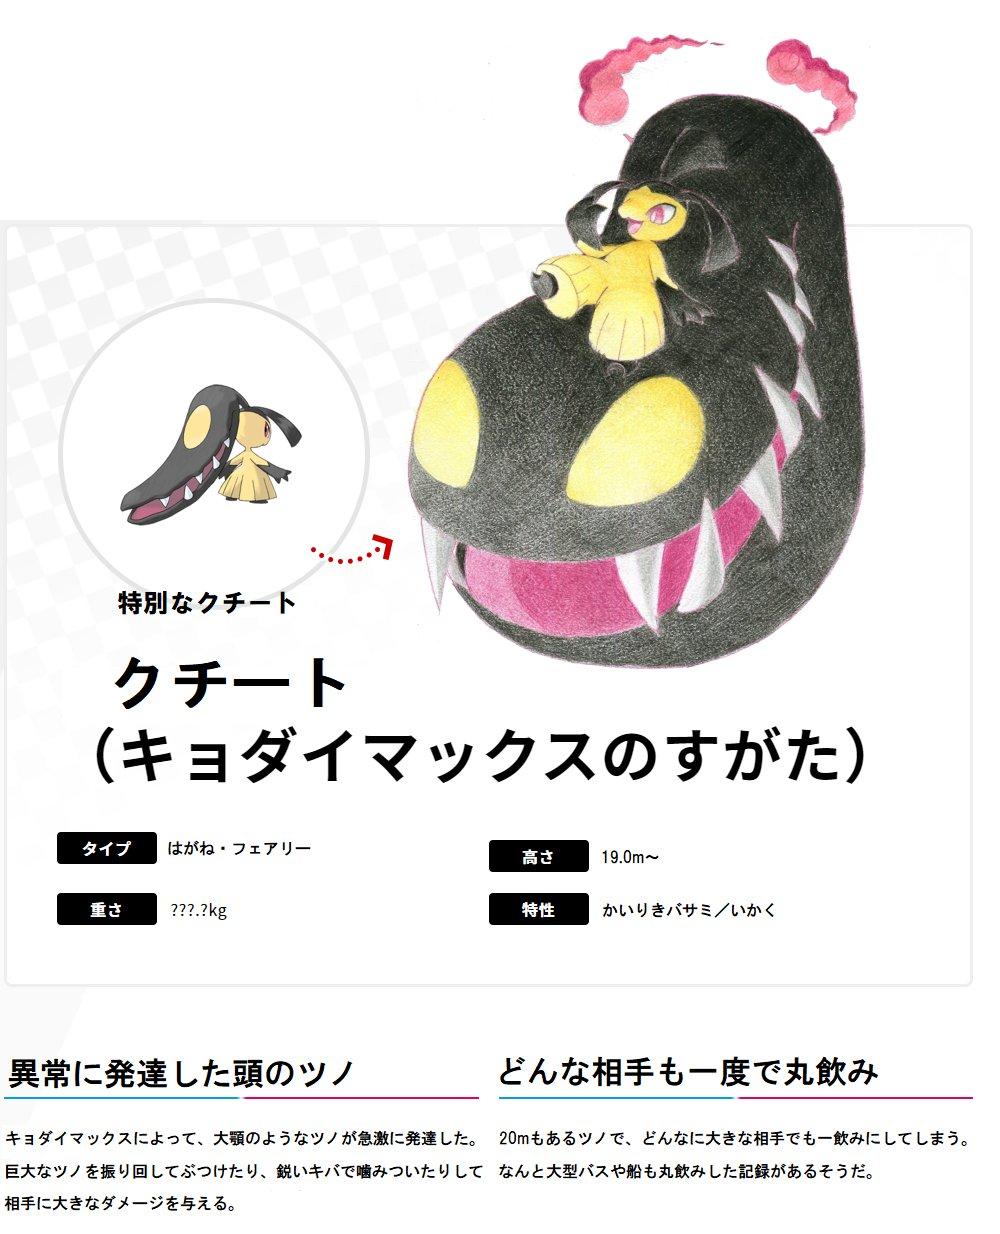 剣 クチート ポケモン 盾